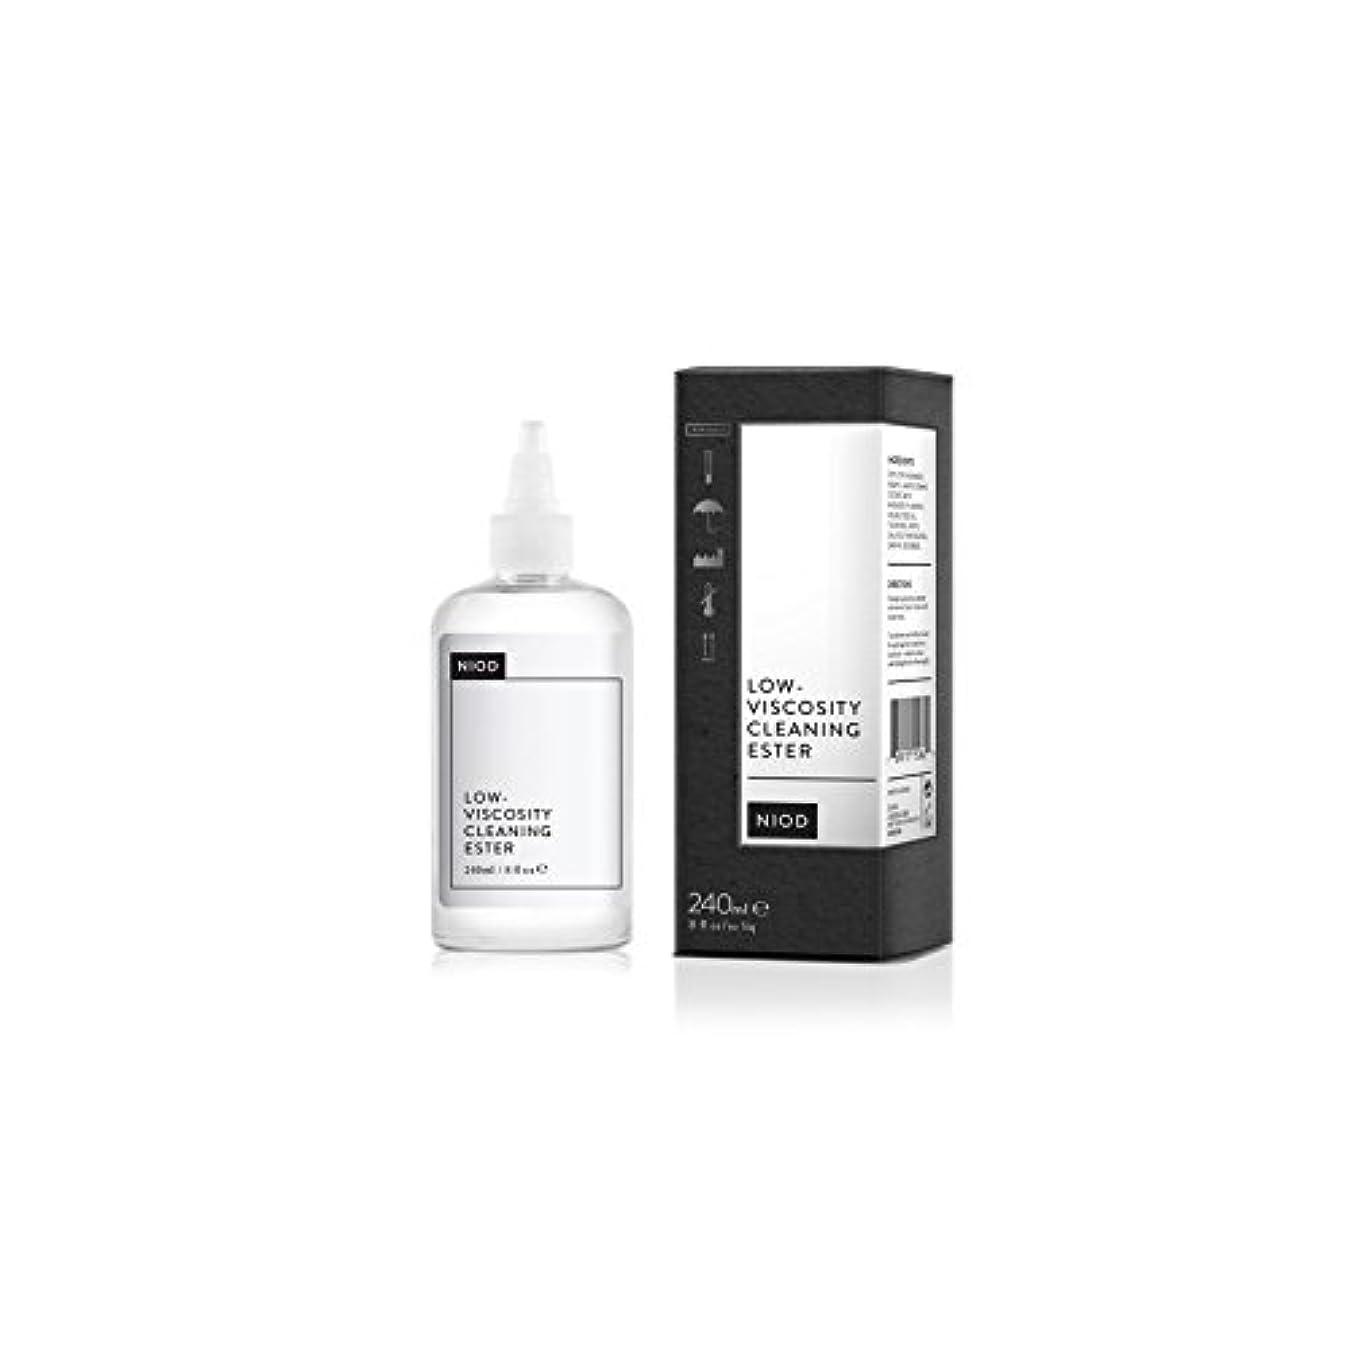 遺産完璧略語低粘度のクリーニングエステル(240ミリリットル) x2 - Niod Low-Viscosity Cleaning Ester (240ml) (Pack of 2) [並行輸入品]